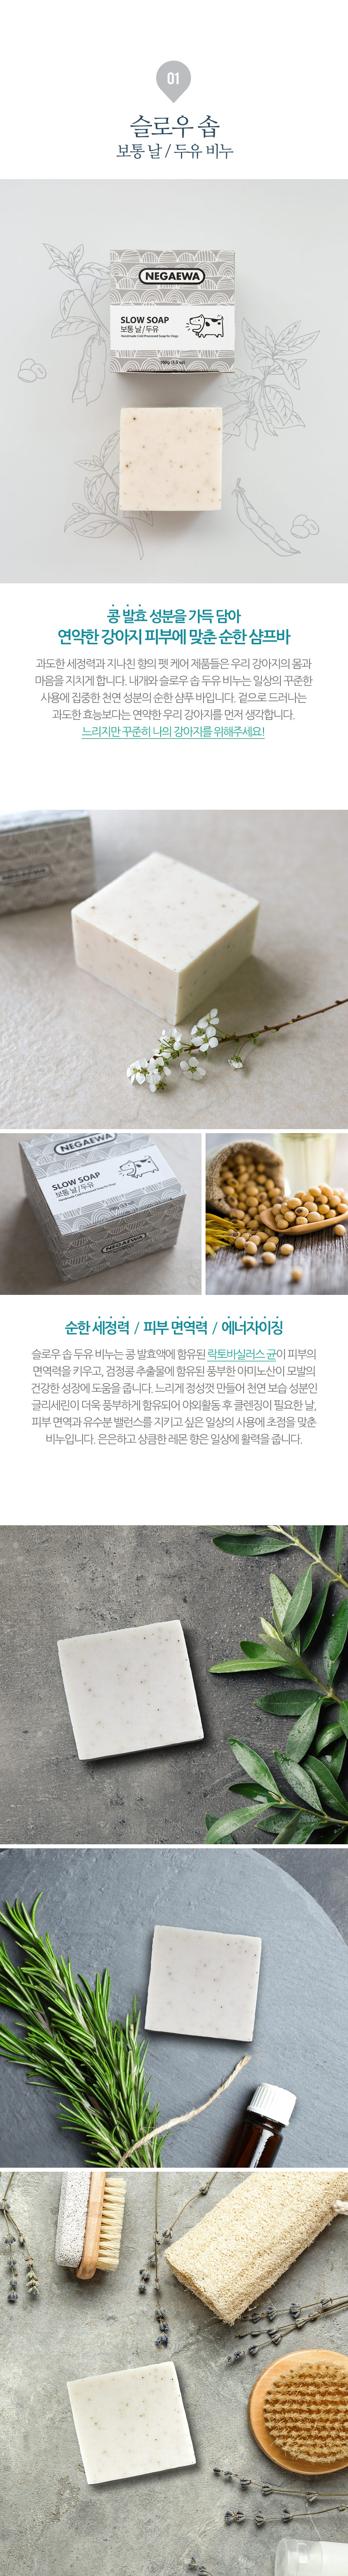 내개와 반려견 천연 목욕비누 샘플러팩 - 내개와, 16,000원, 미용/목욕용품, 샴푸/린스